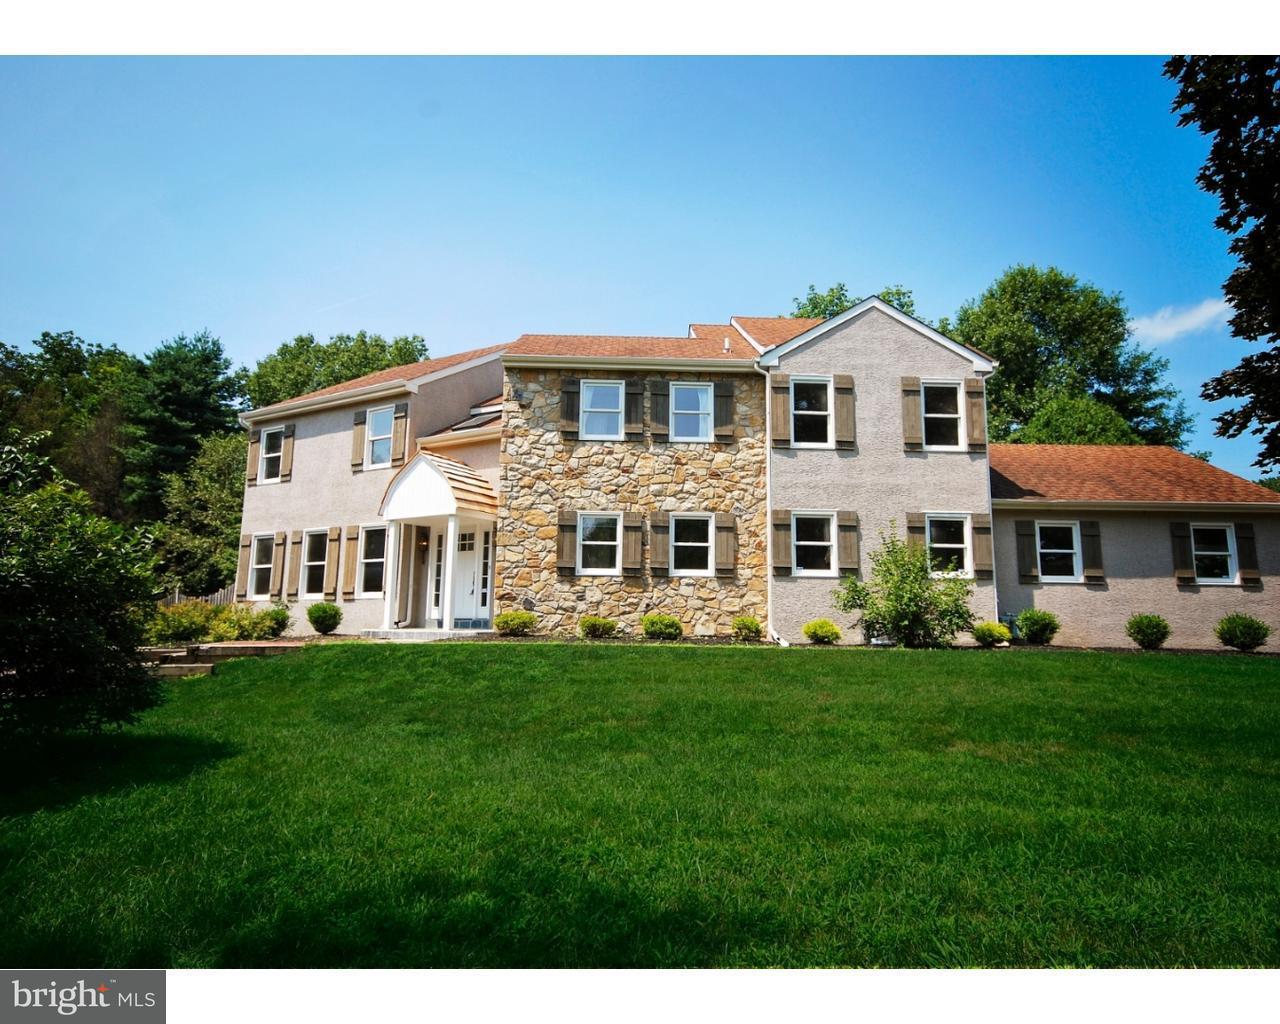 独户住宅 为 出租 在 455 RED COAT Lane 韦恩, 宾夕法尼亚州 19087 美国